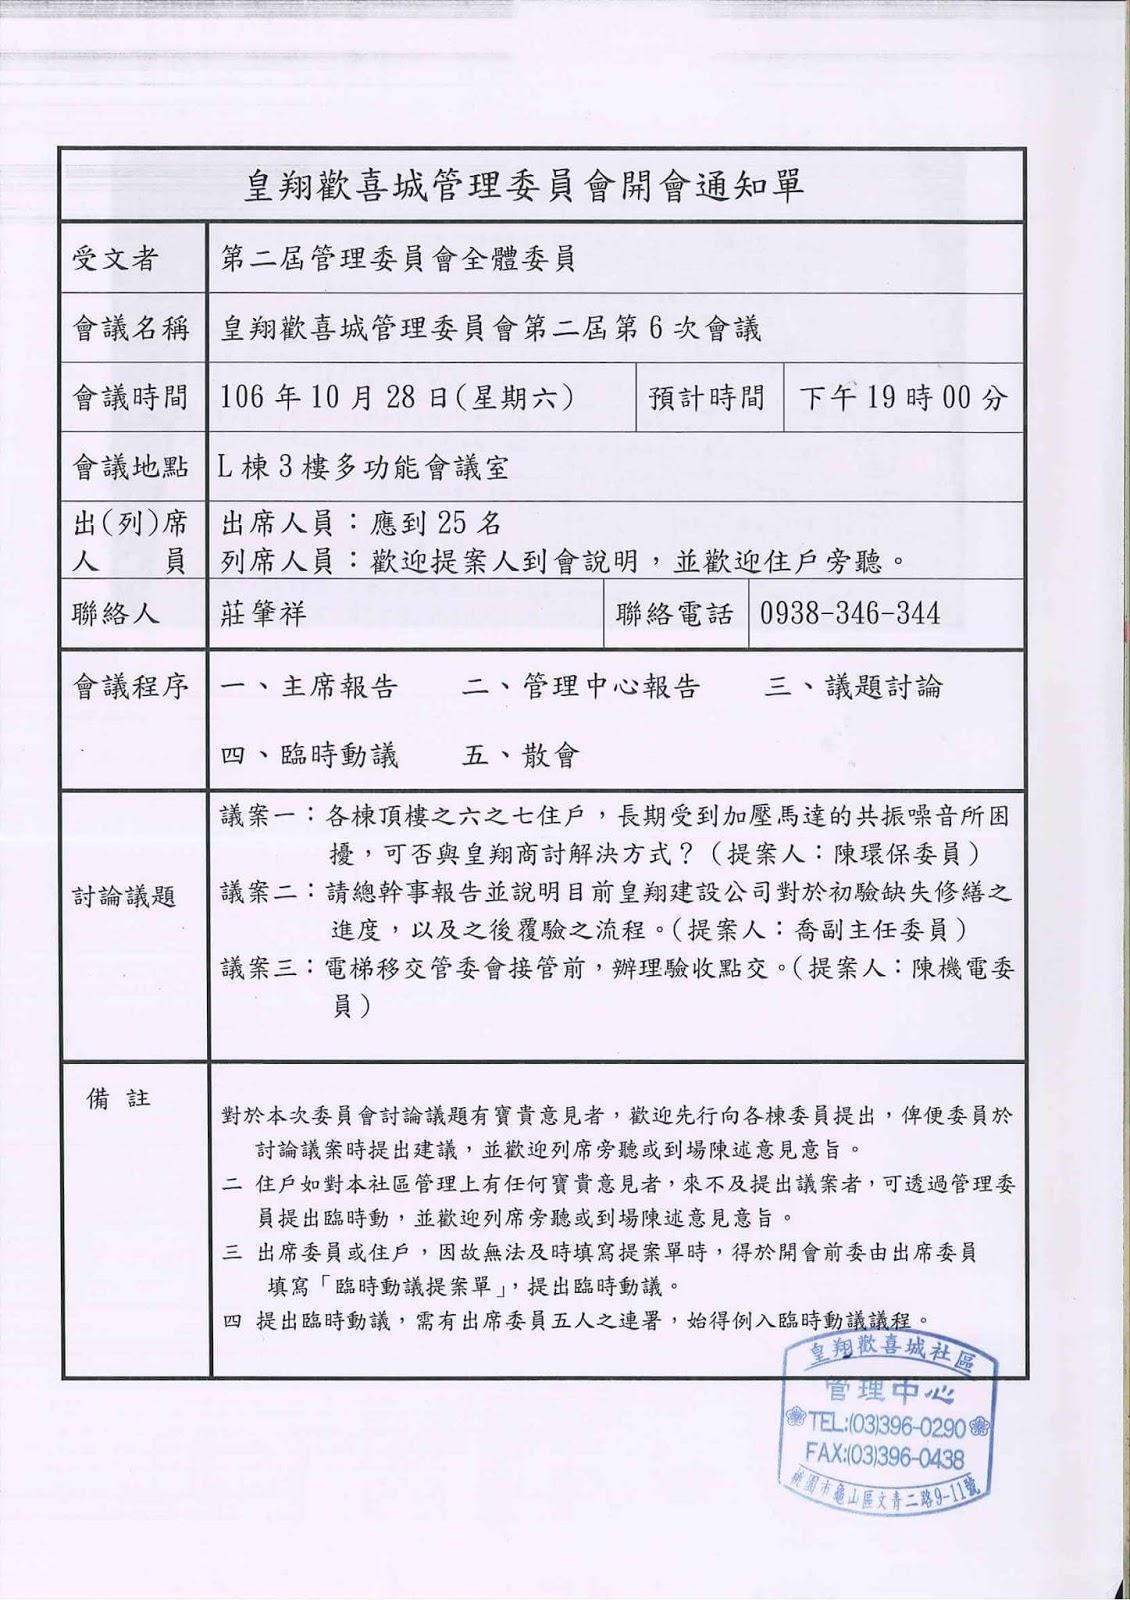 皇翔歡喜城管理委員會第二屆第六次會議通知單